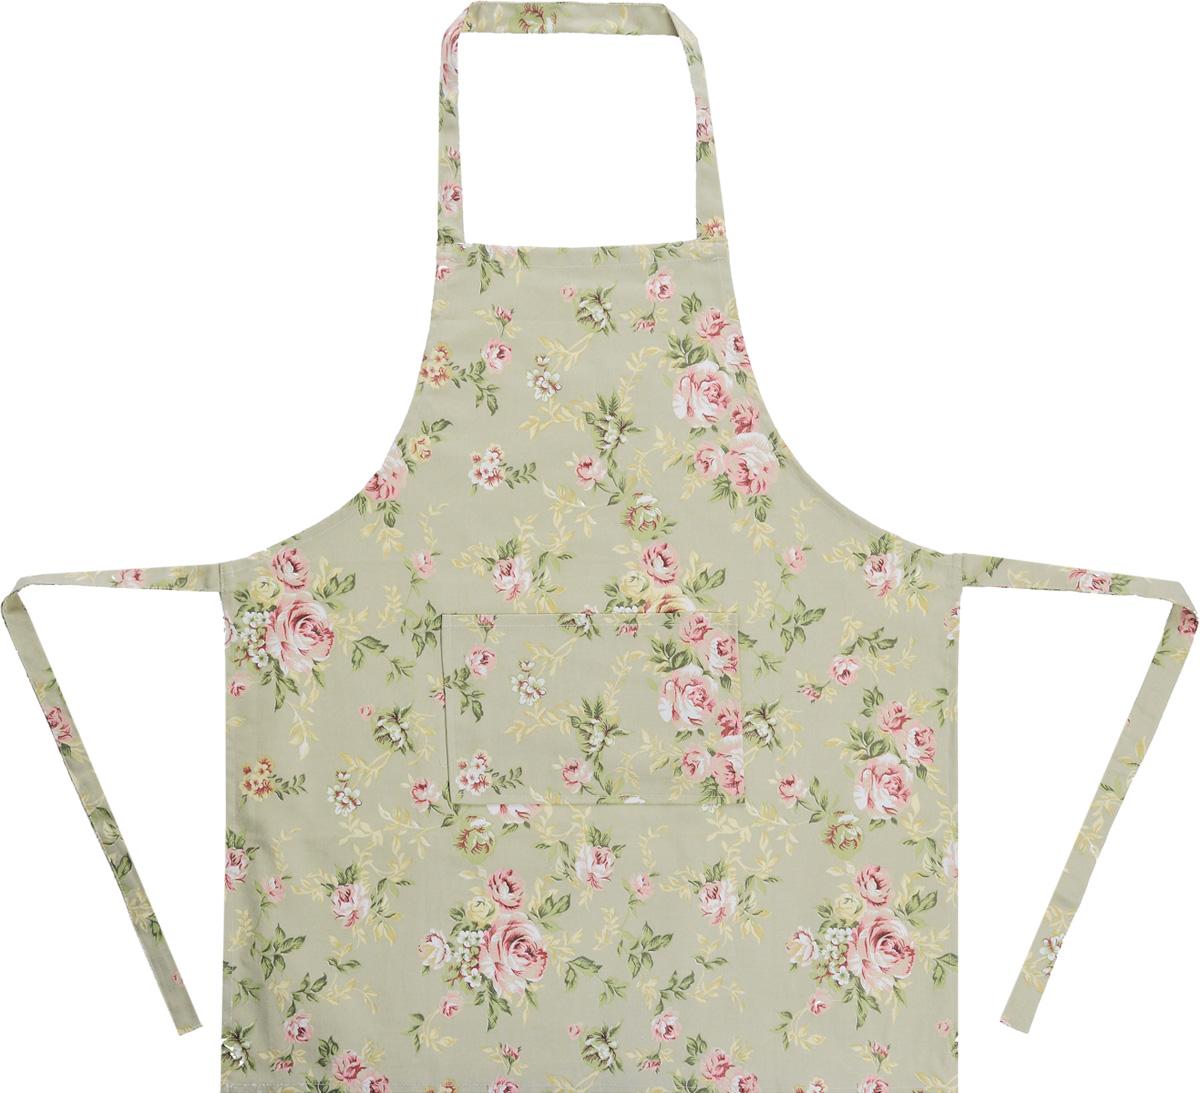 Фартук Bonita Английская коллекция, цвет: зеленый, 65 х 75 смVT-1520(SR)Фартук Bonita изготовлен из натурального хлопка с красивыми цветочными узорами. Фартук оснащен завязками и передним карманом. Имеет универсальный размер.Фартук поможет вам избежать попадания еды на одежду во время приготовления пищи. Кухня - это сердце дома, где вся семья собирается вместе. Она бережно хранит и поддерживает жизнь домашнего очага, который нас согревает. Именно поэтому так важно создать здесь атмосферу, которая не только возбудит аппетит, но и наполнит жизненной энергией. С текстилем Bonita открывается возможность не только каждый день дарить кухне новый облик, но и создавать настоящие кулинарные шедевры. Bonita станет незаменимым помощником и идейным вдохновителем, создающим вкусное настроение на вашей кухне.